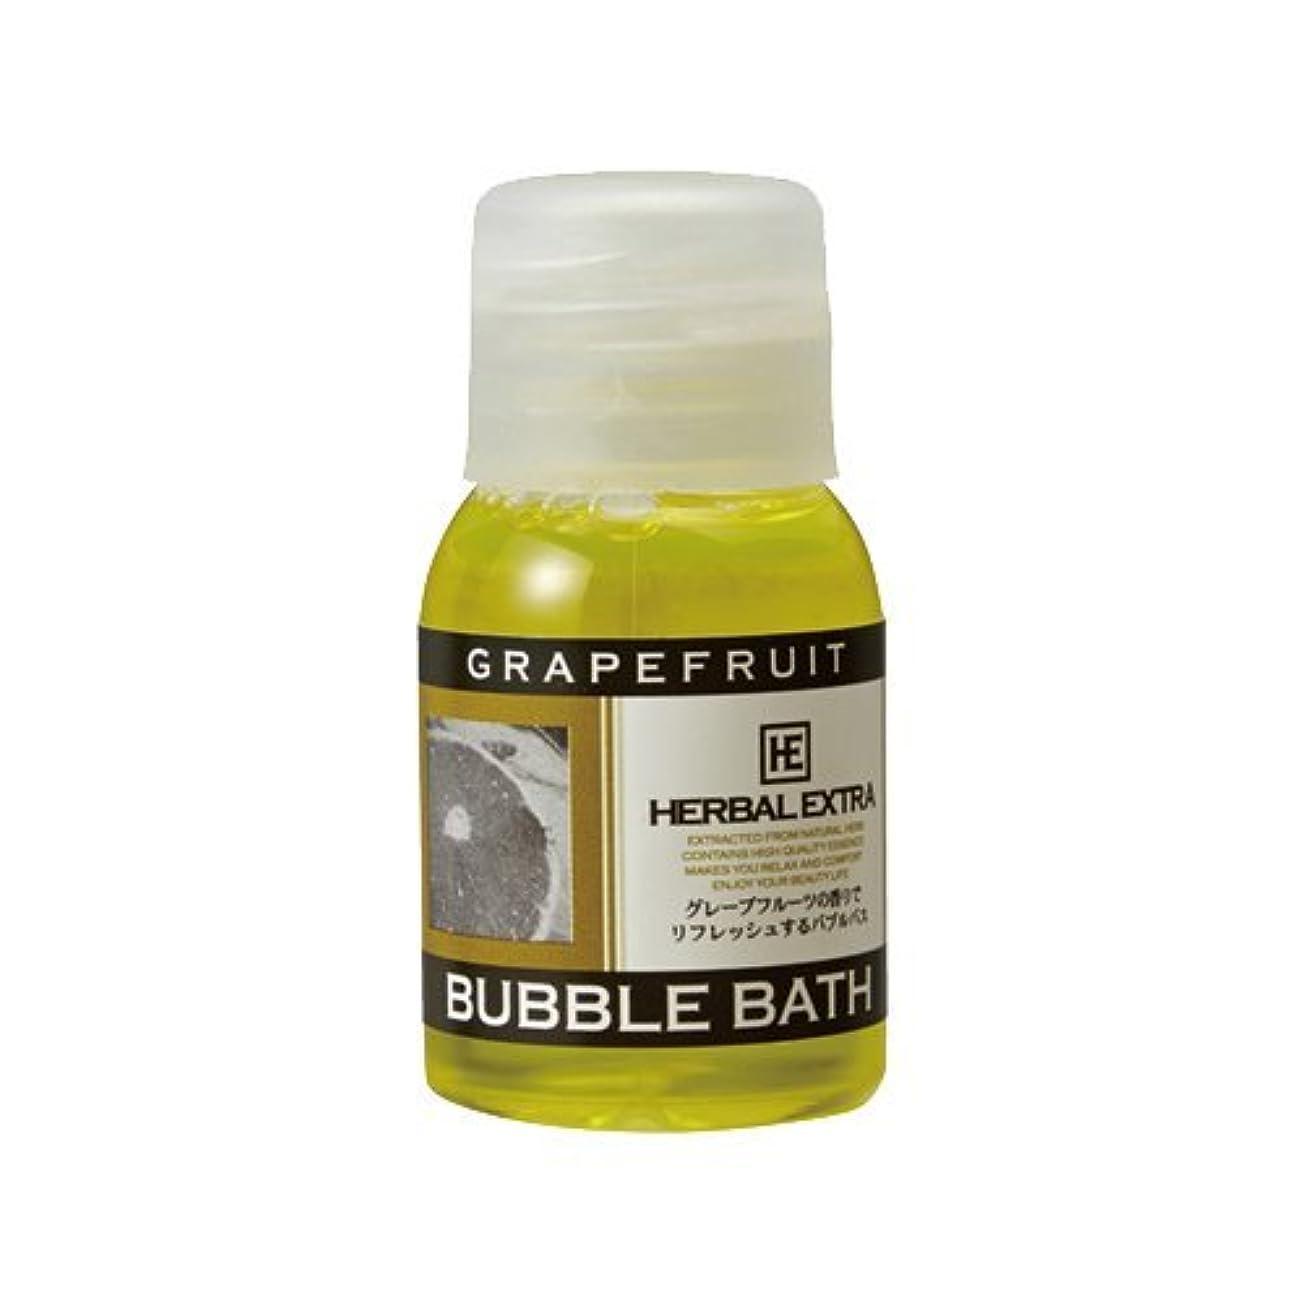 障害者単調なもっともらしいハーバルエクストラ バブルバス ミニボトル グレープフルーツの香り × 5個セット - ホテルアメニティ 業務用 発泡入浴剤 (BUBBLE BATH)